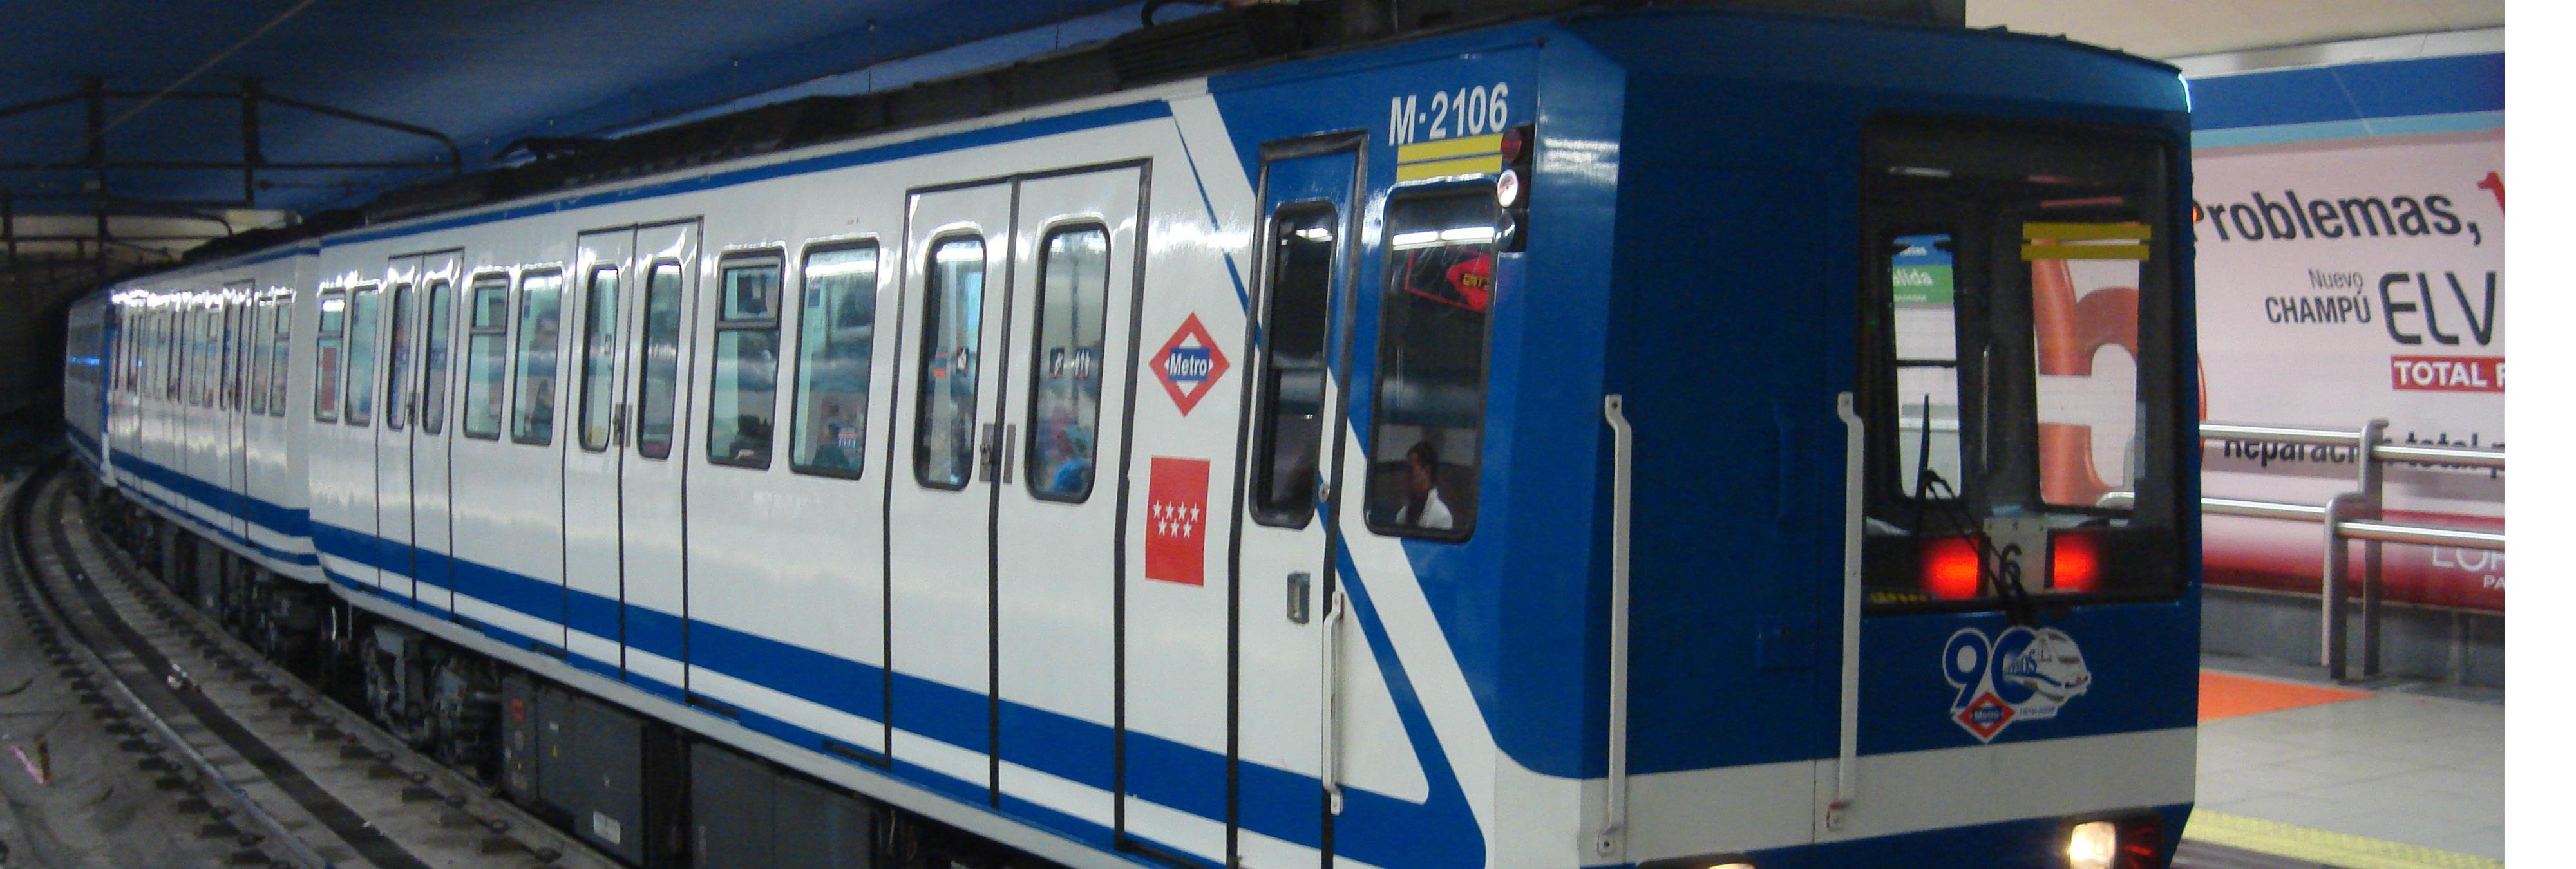 Un joven sufre una agresión homófoba en el metro de Madrid